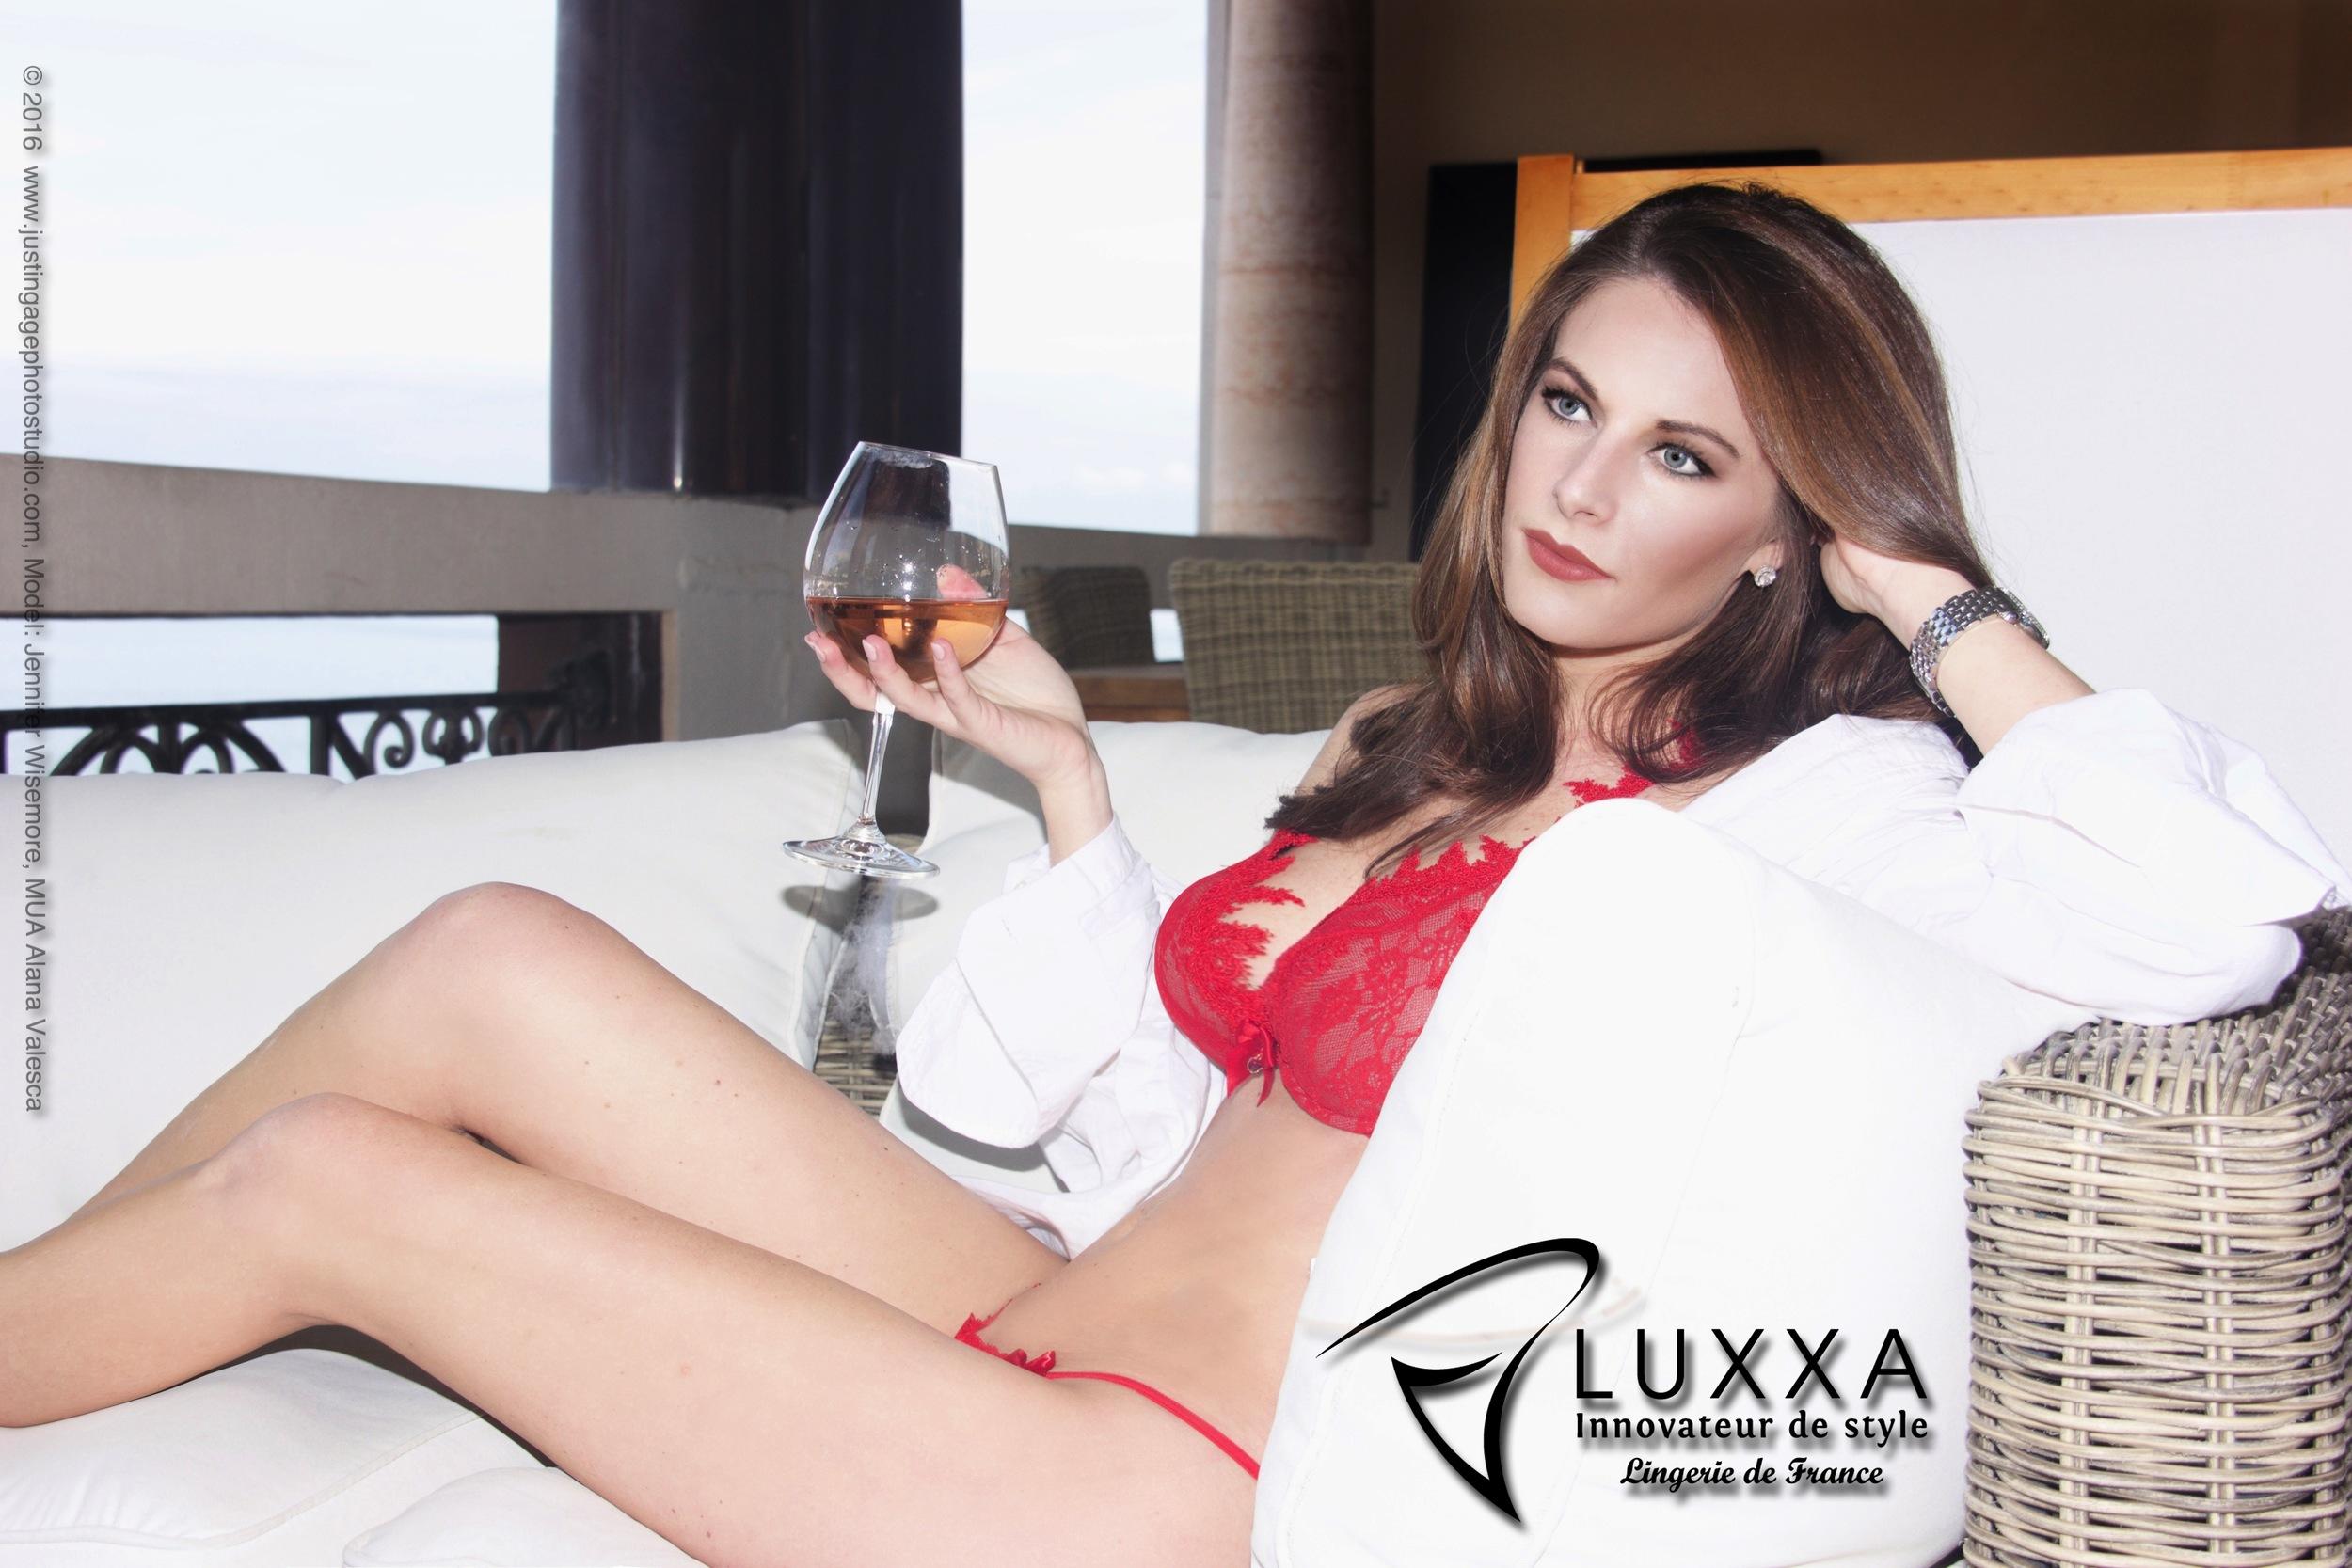 Luxxa-1.jpg